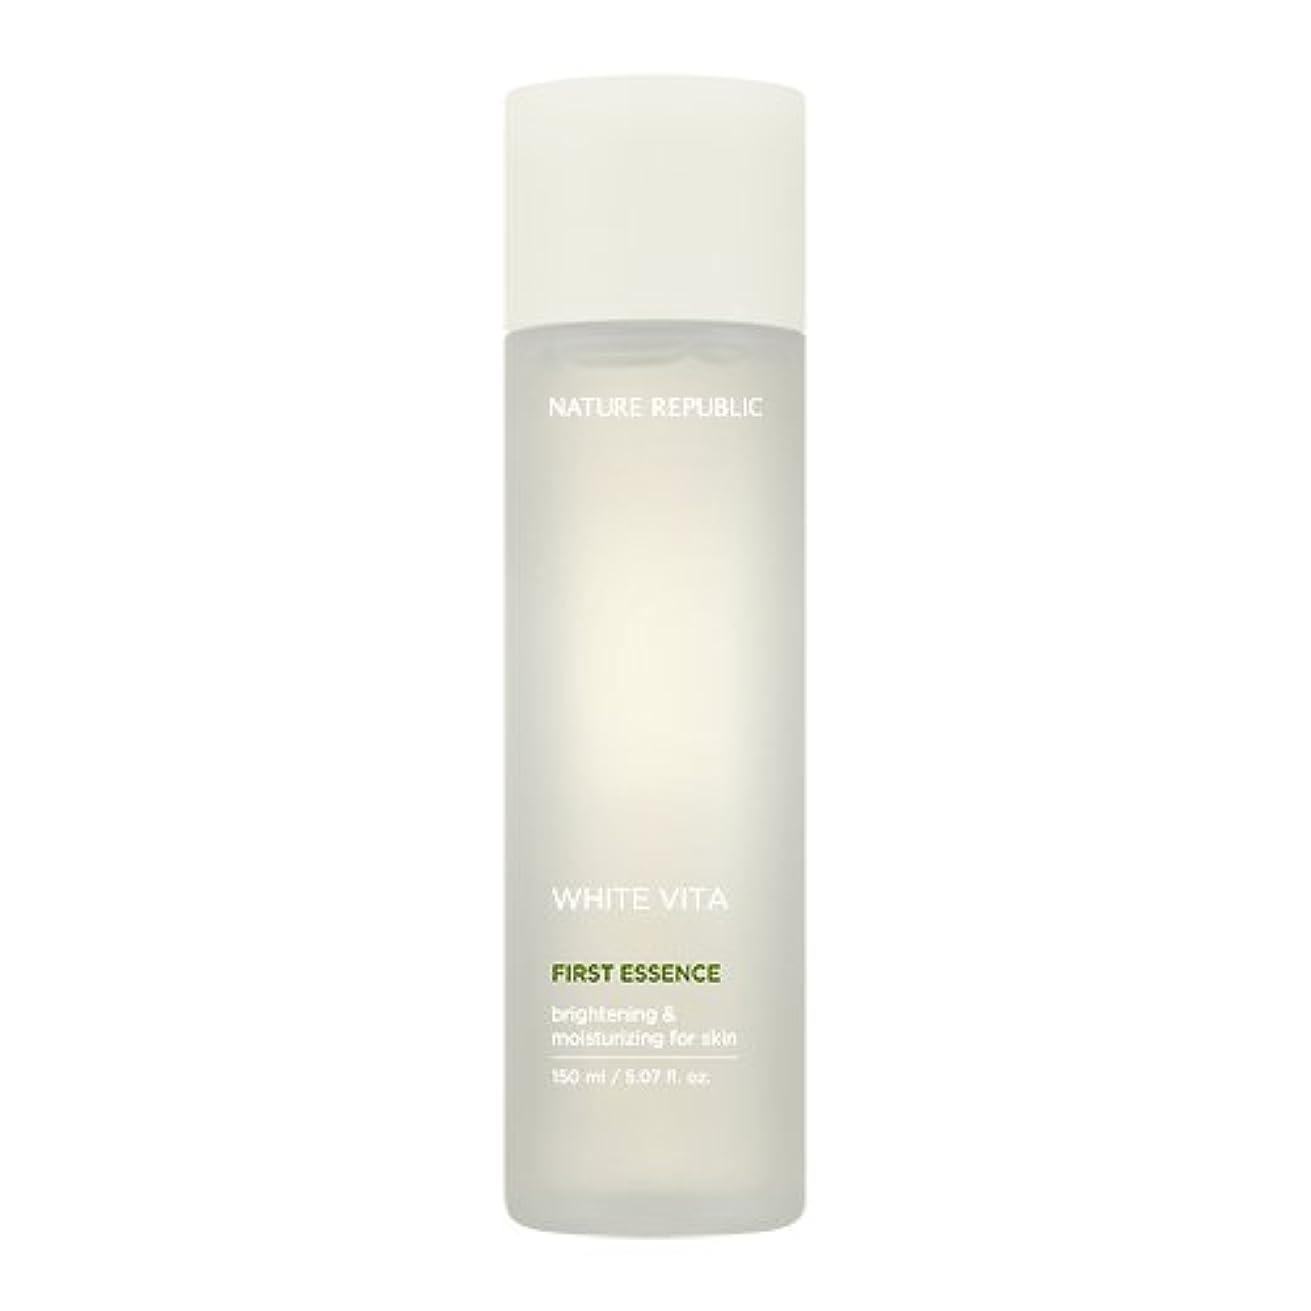 溶融組み合わせる脚[Renewal] NATURE REPUBLIC White Vita Floral Capsule Essence / ネイチャーリパブリック ホワイトヴィータフローラルプセルエッセンス40ml [並行輸入品]